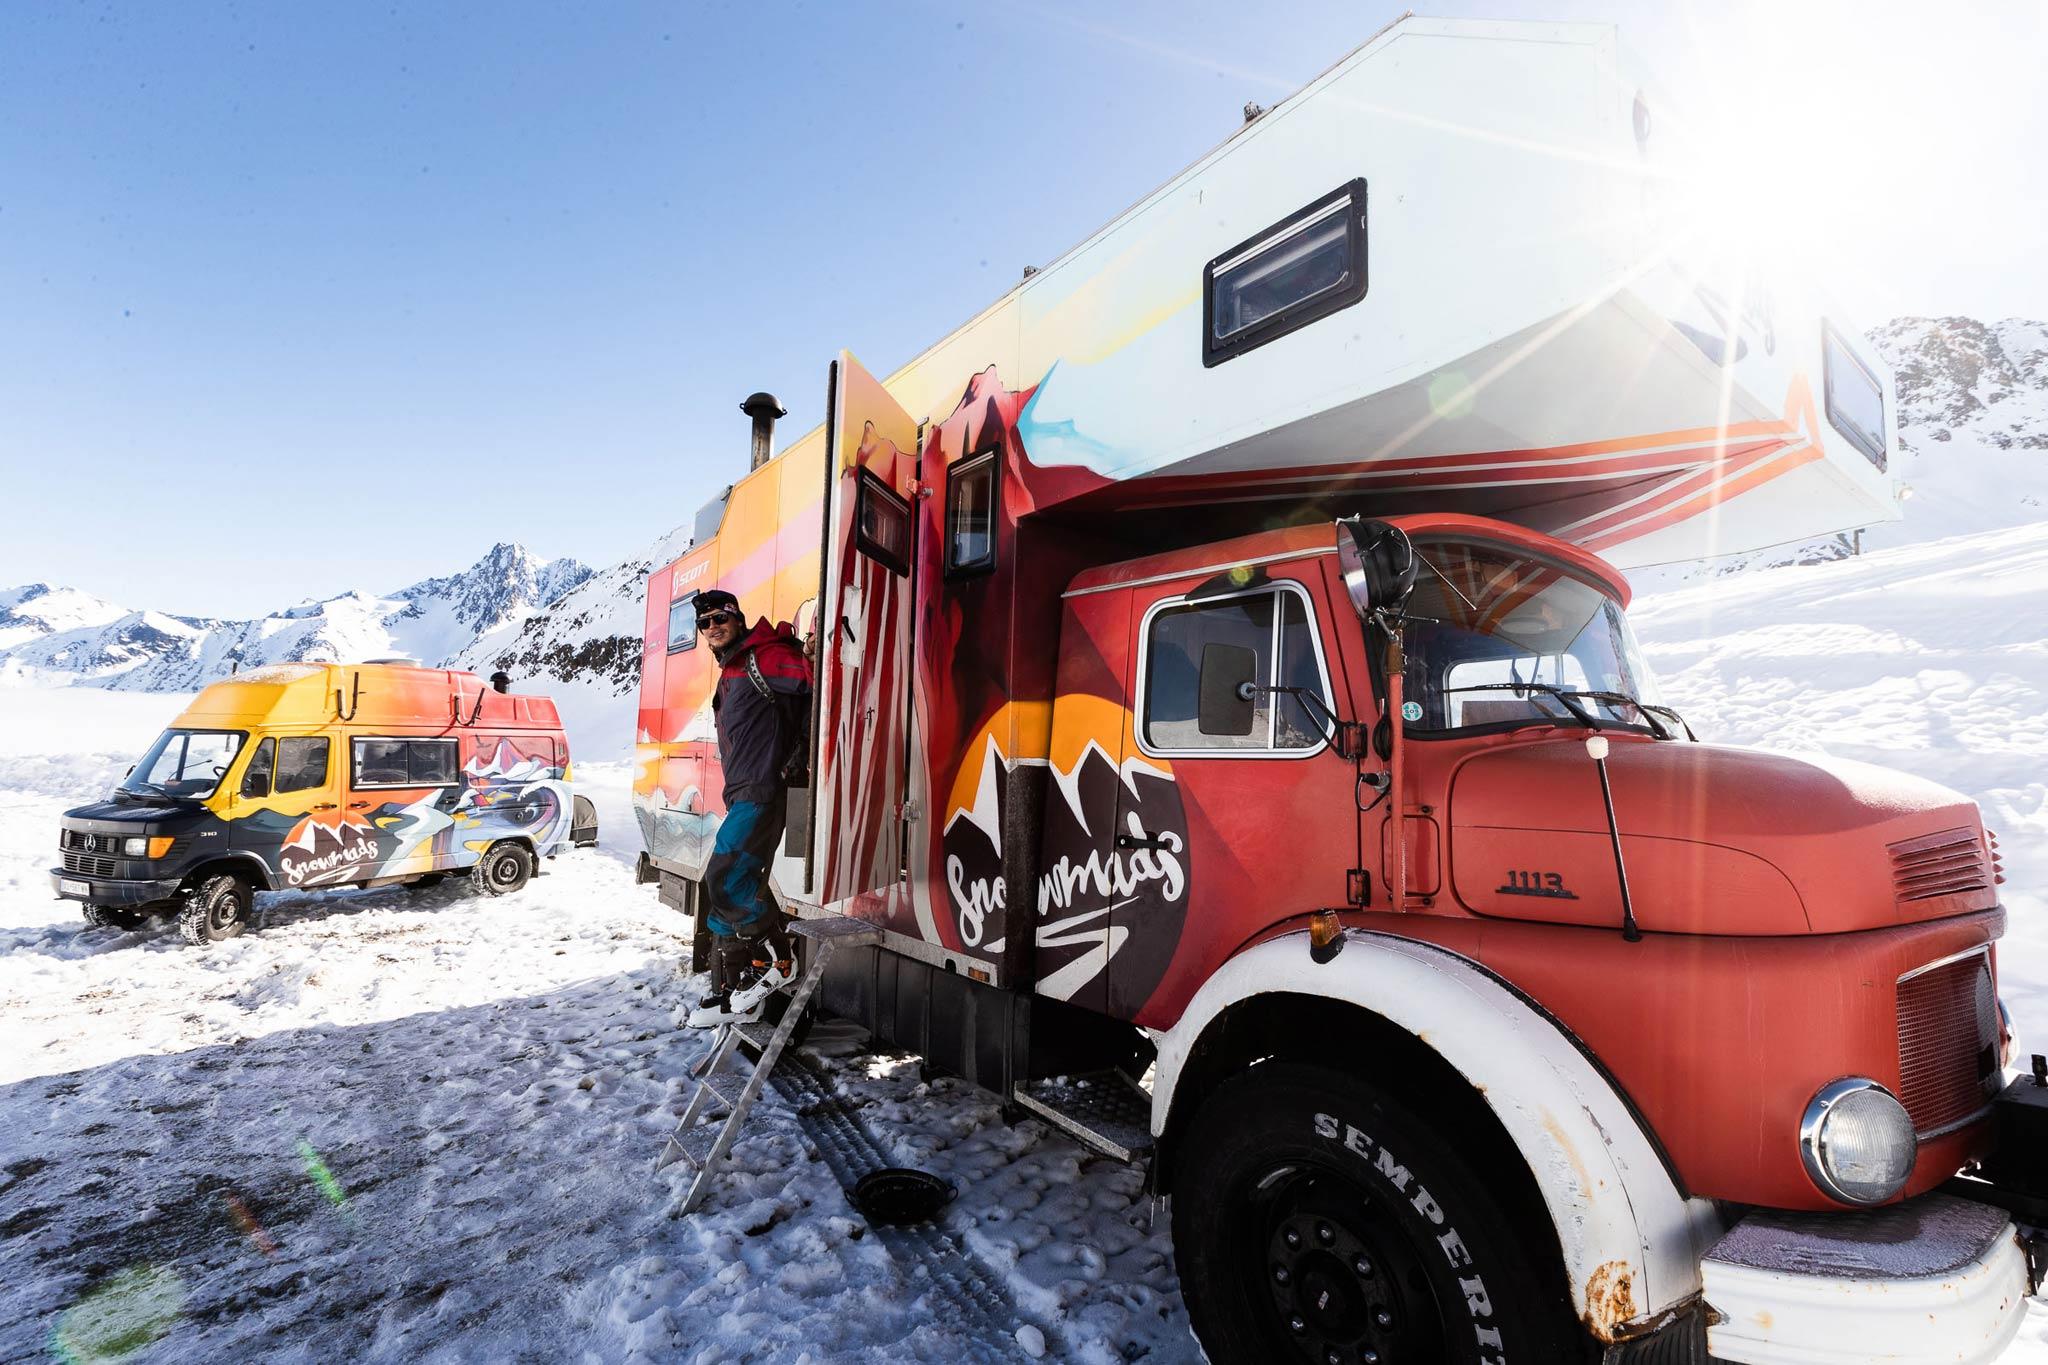 Die beiden Vans/Trucks von Markus Ascher (links) und Fabi Lentsch (rechts) - Foto: Flo Breitenberger